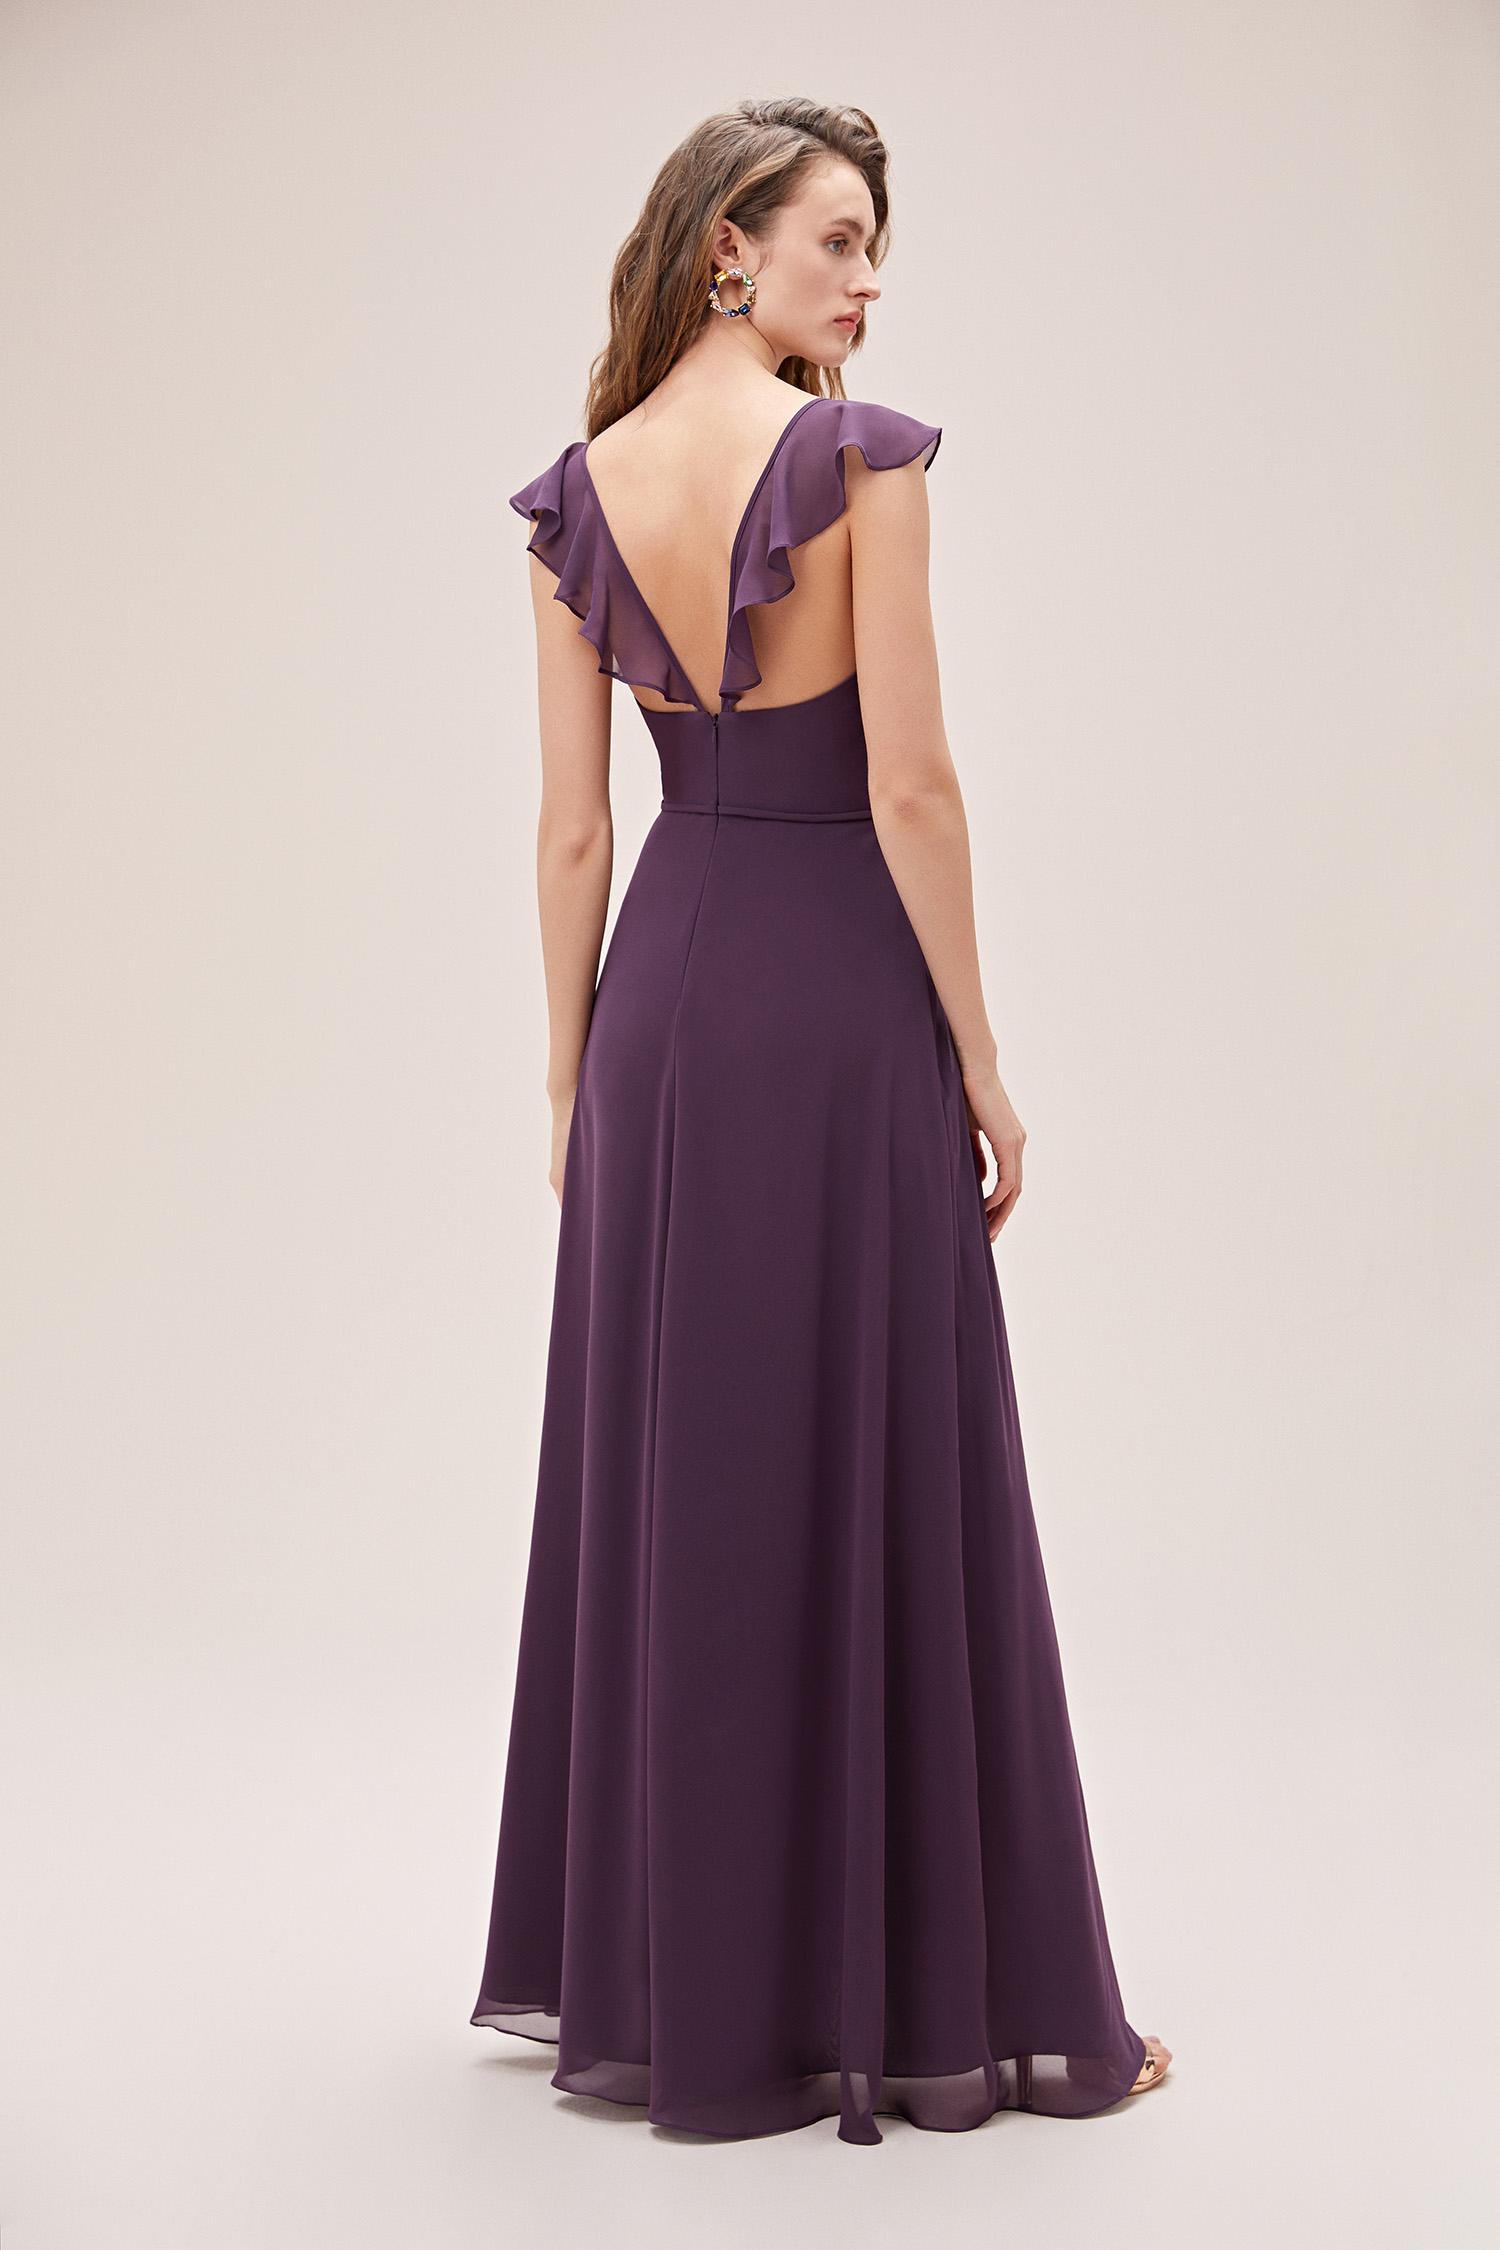 Mürdüm Yırtmaçlı Şifon Drapeli Elbise - Thumbnail